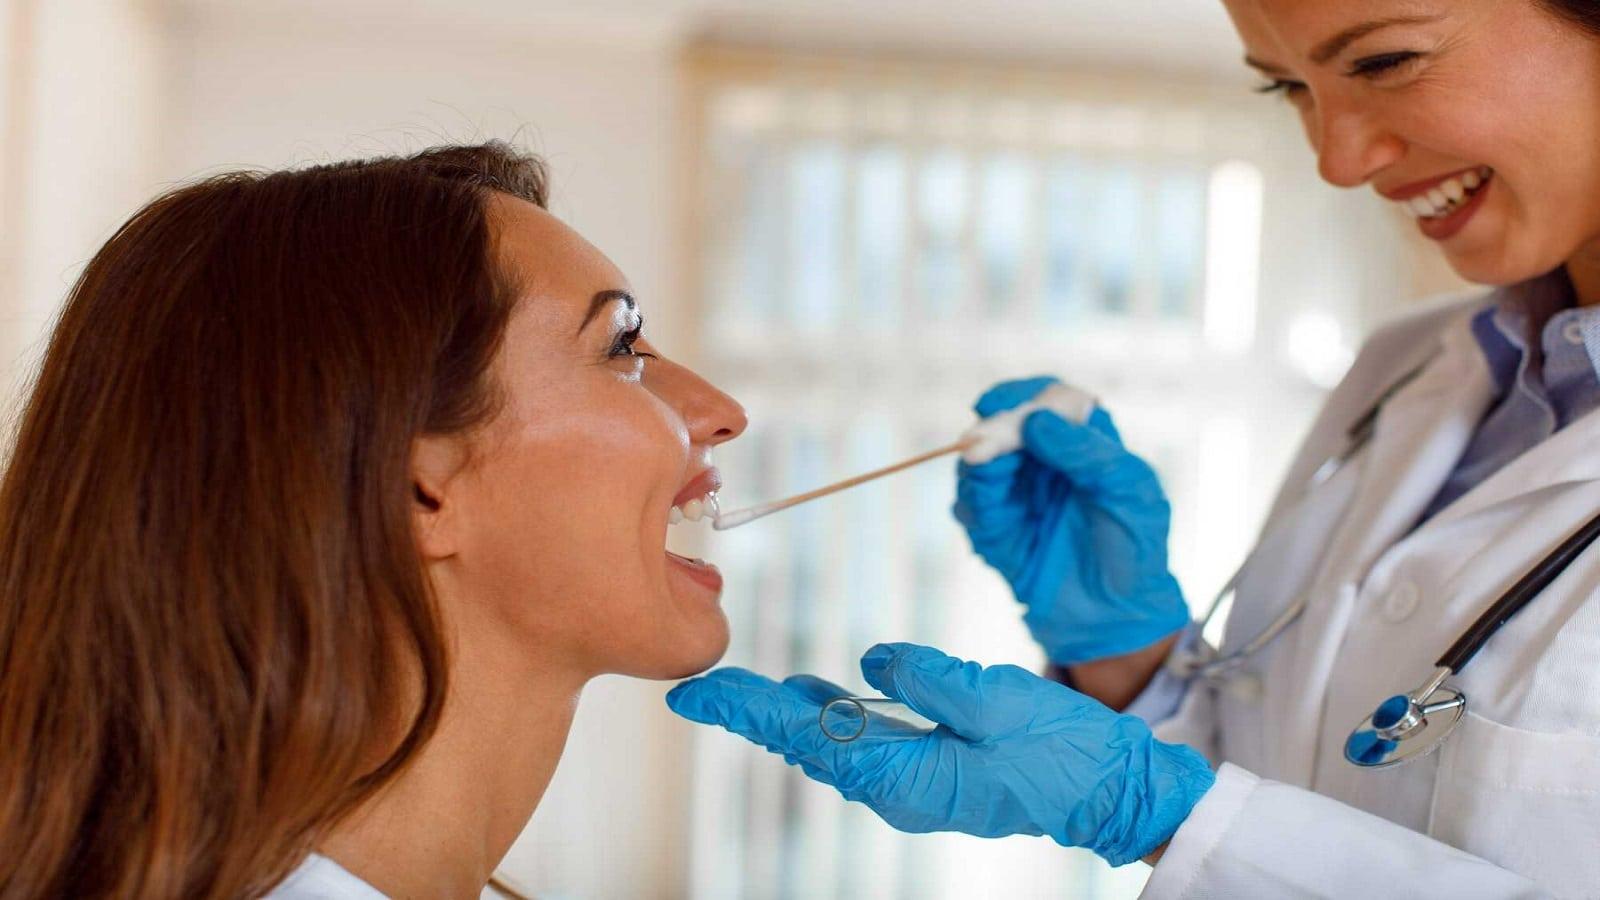 Oral swab drug tests